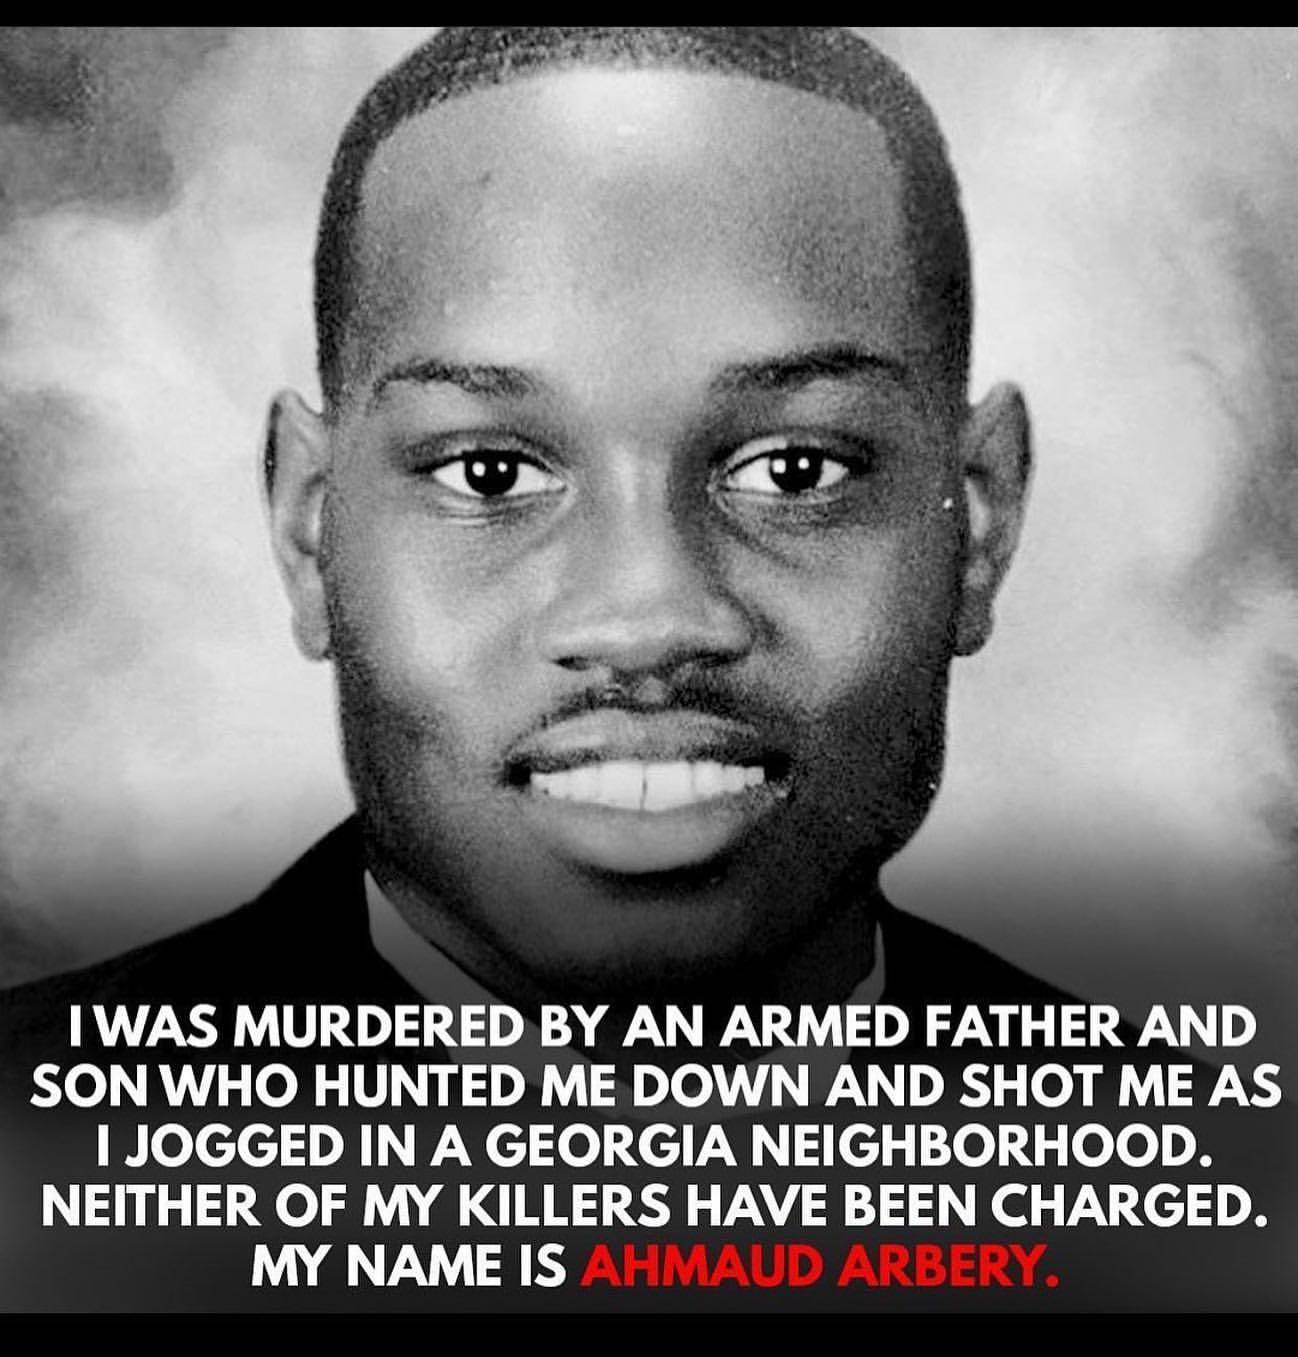 欧文、利拉德转发照片悼念街头被枪杀的黑人青年